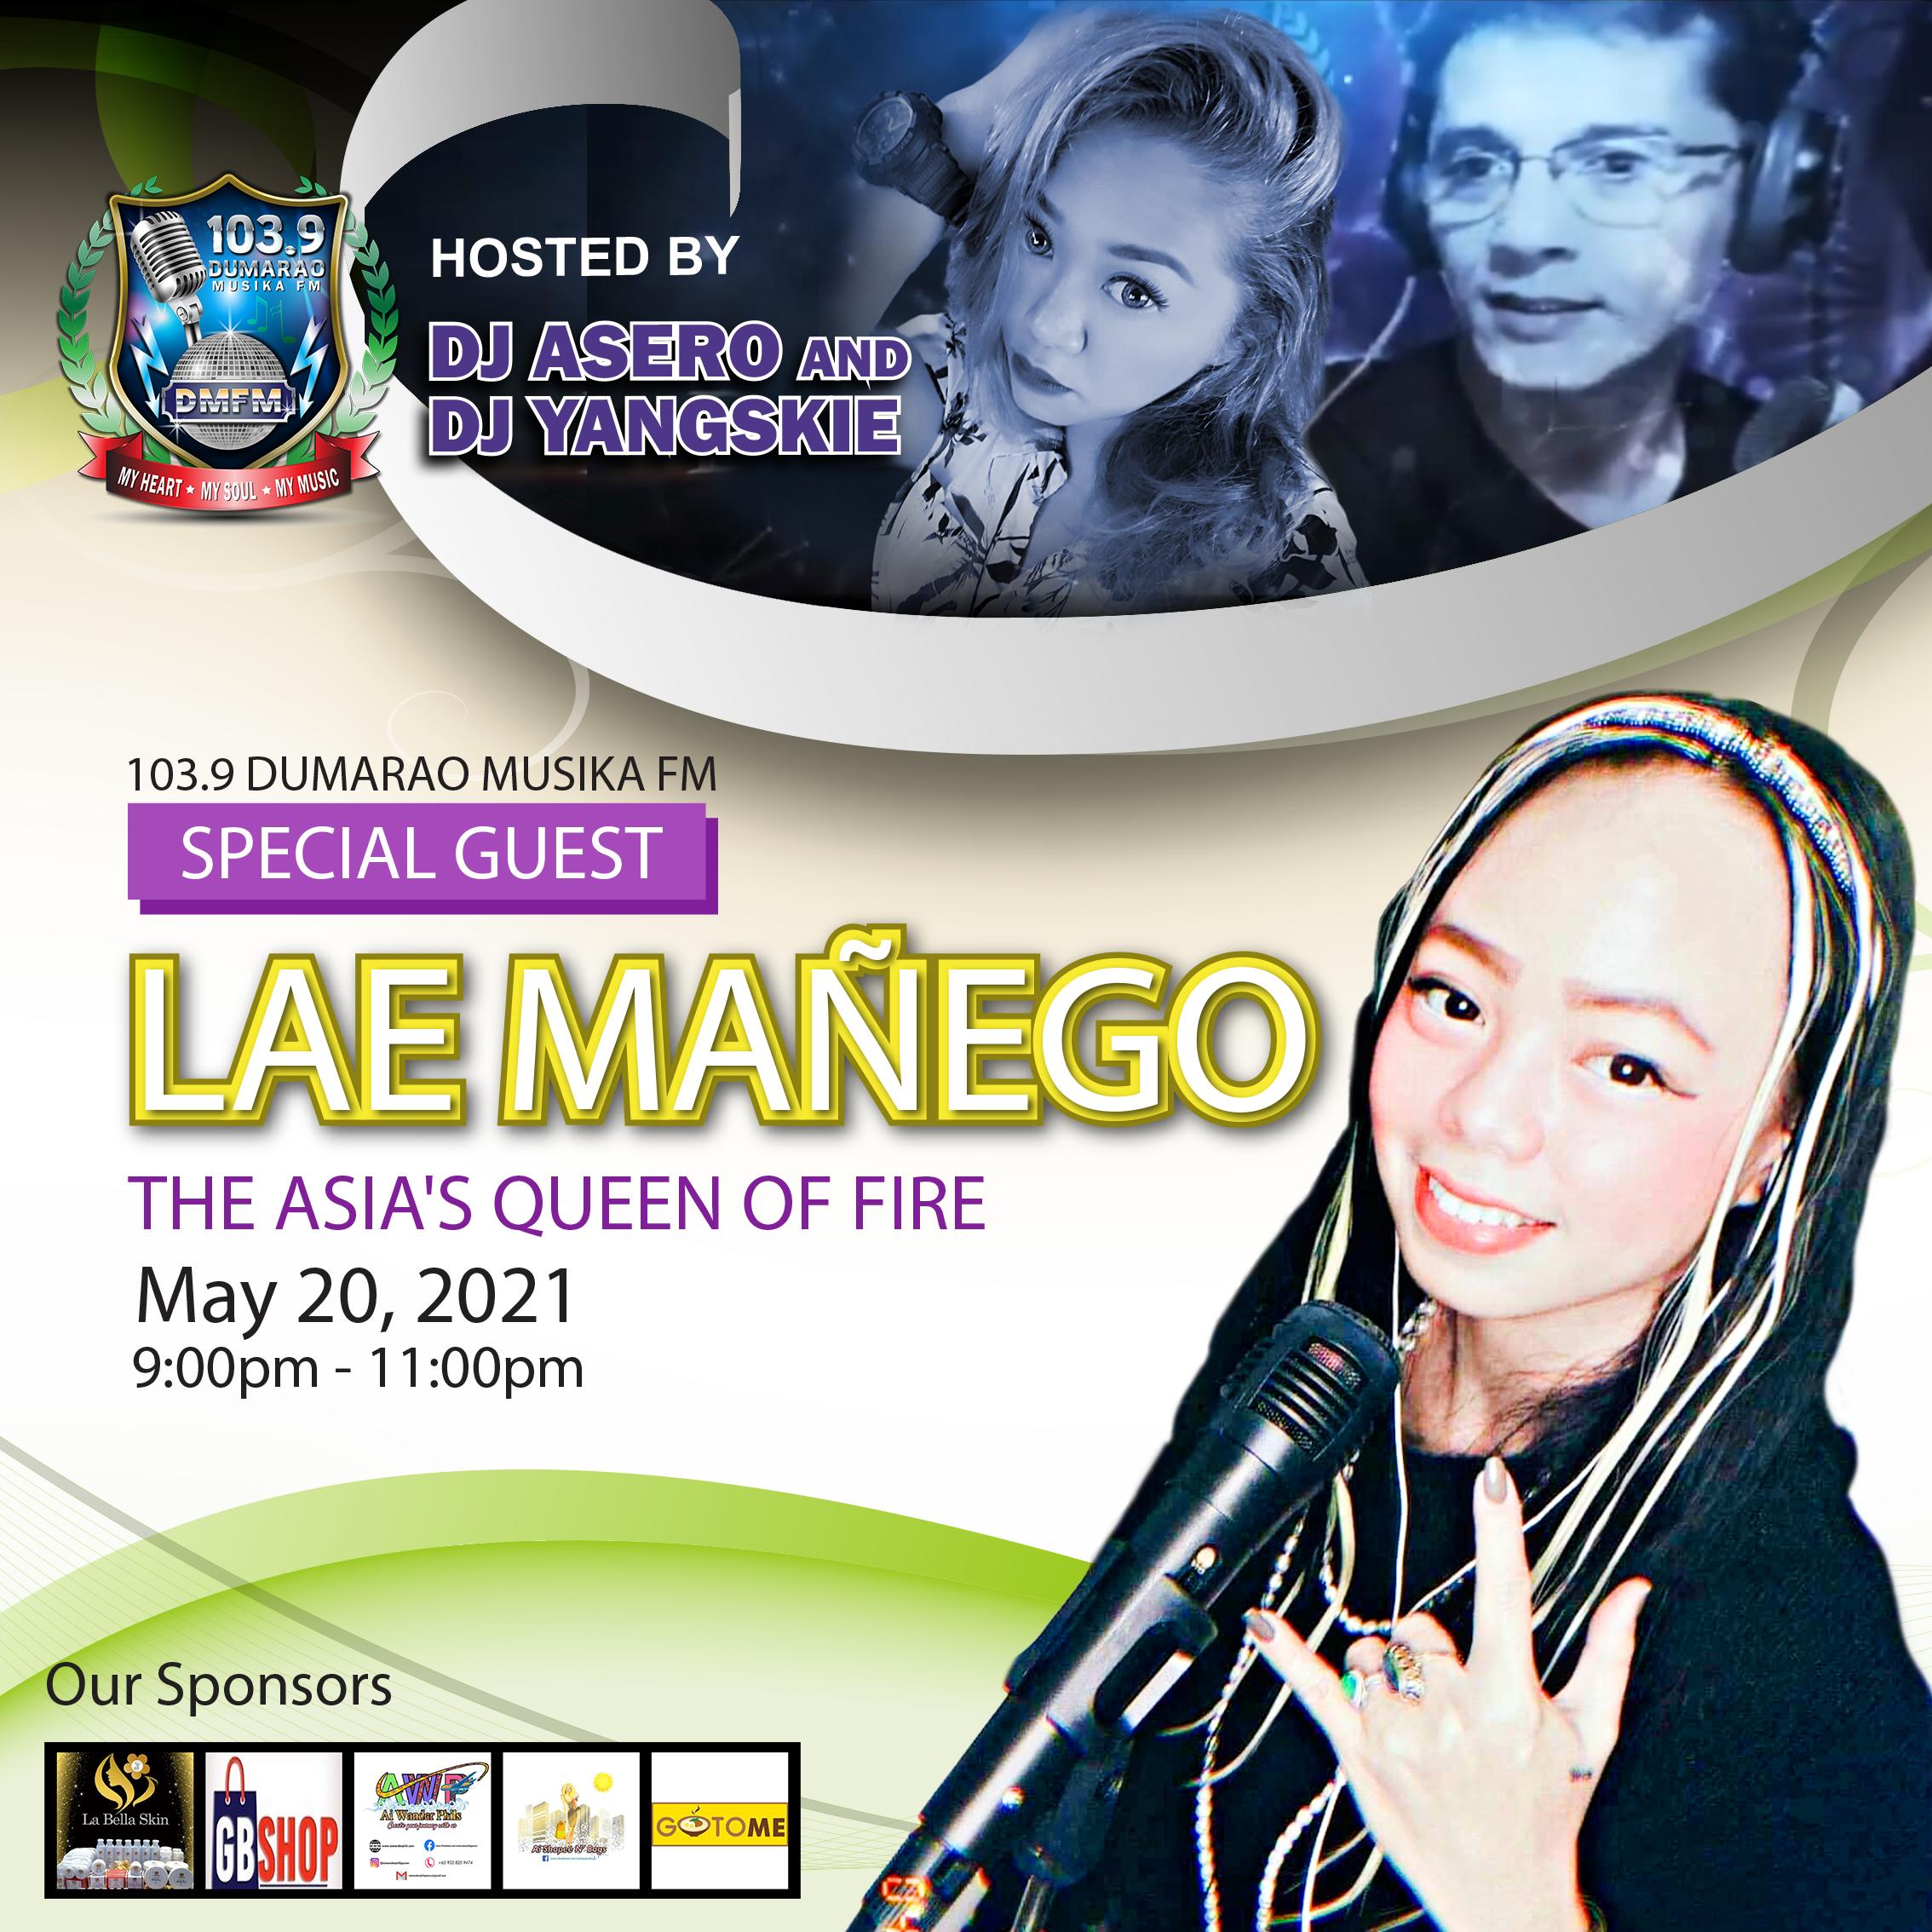 Lae-Manego